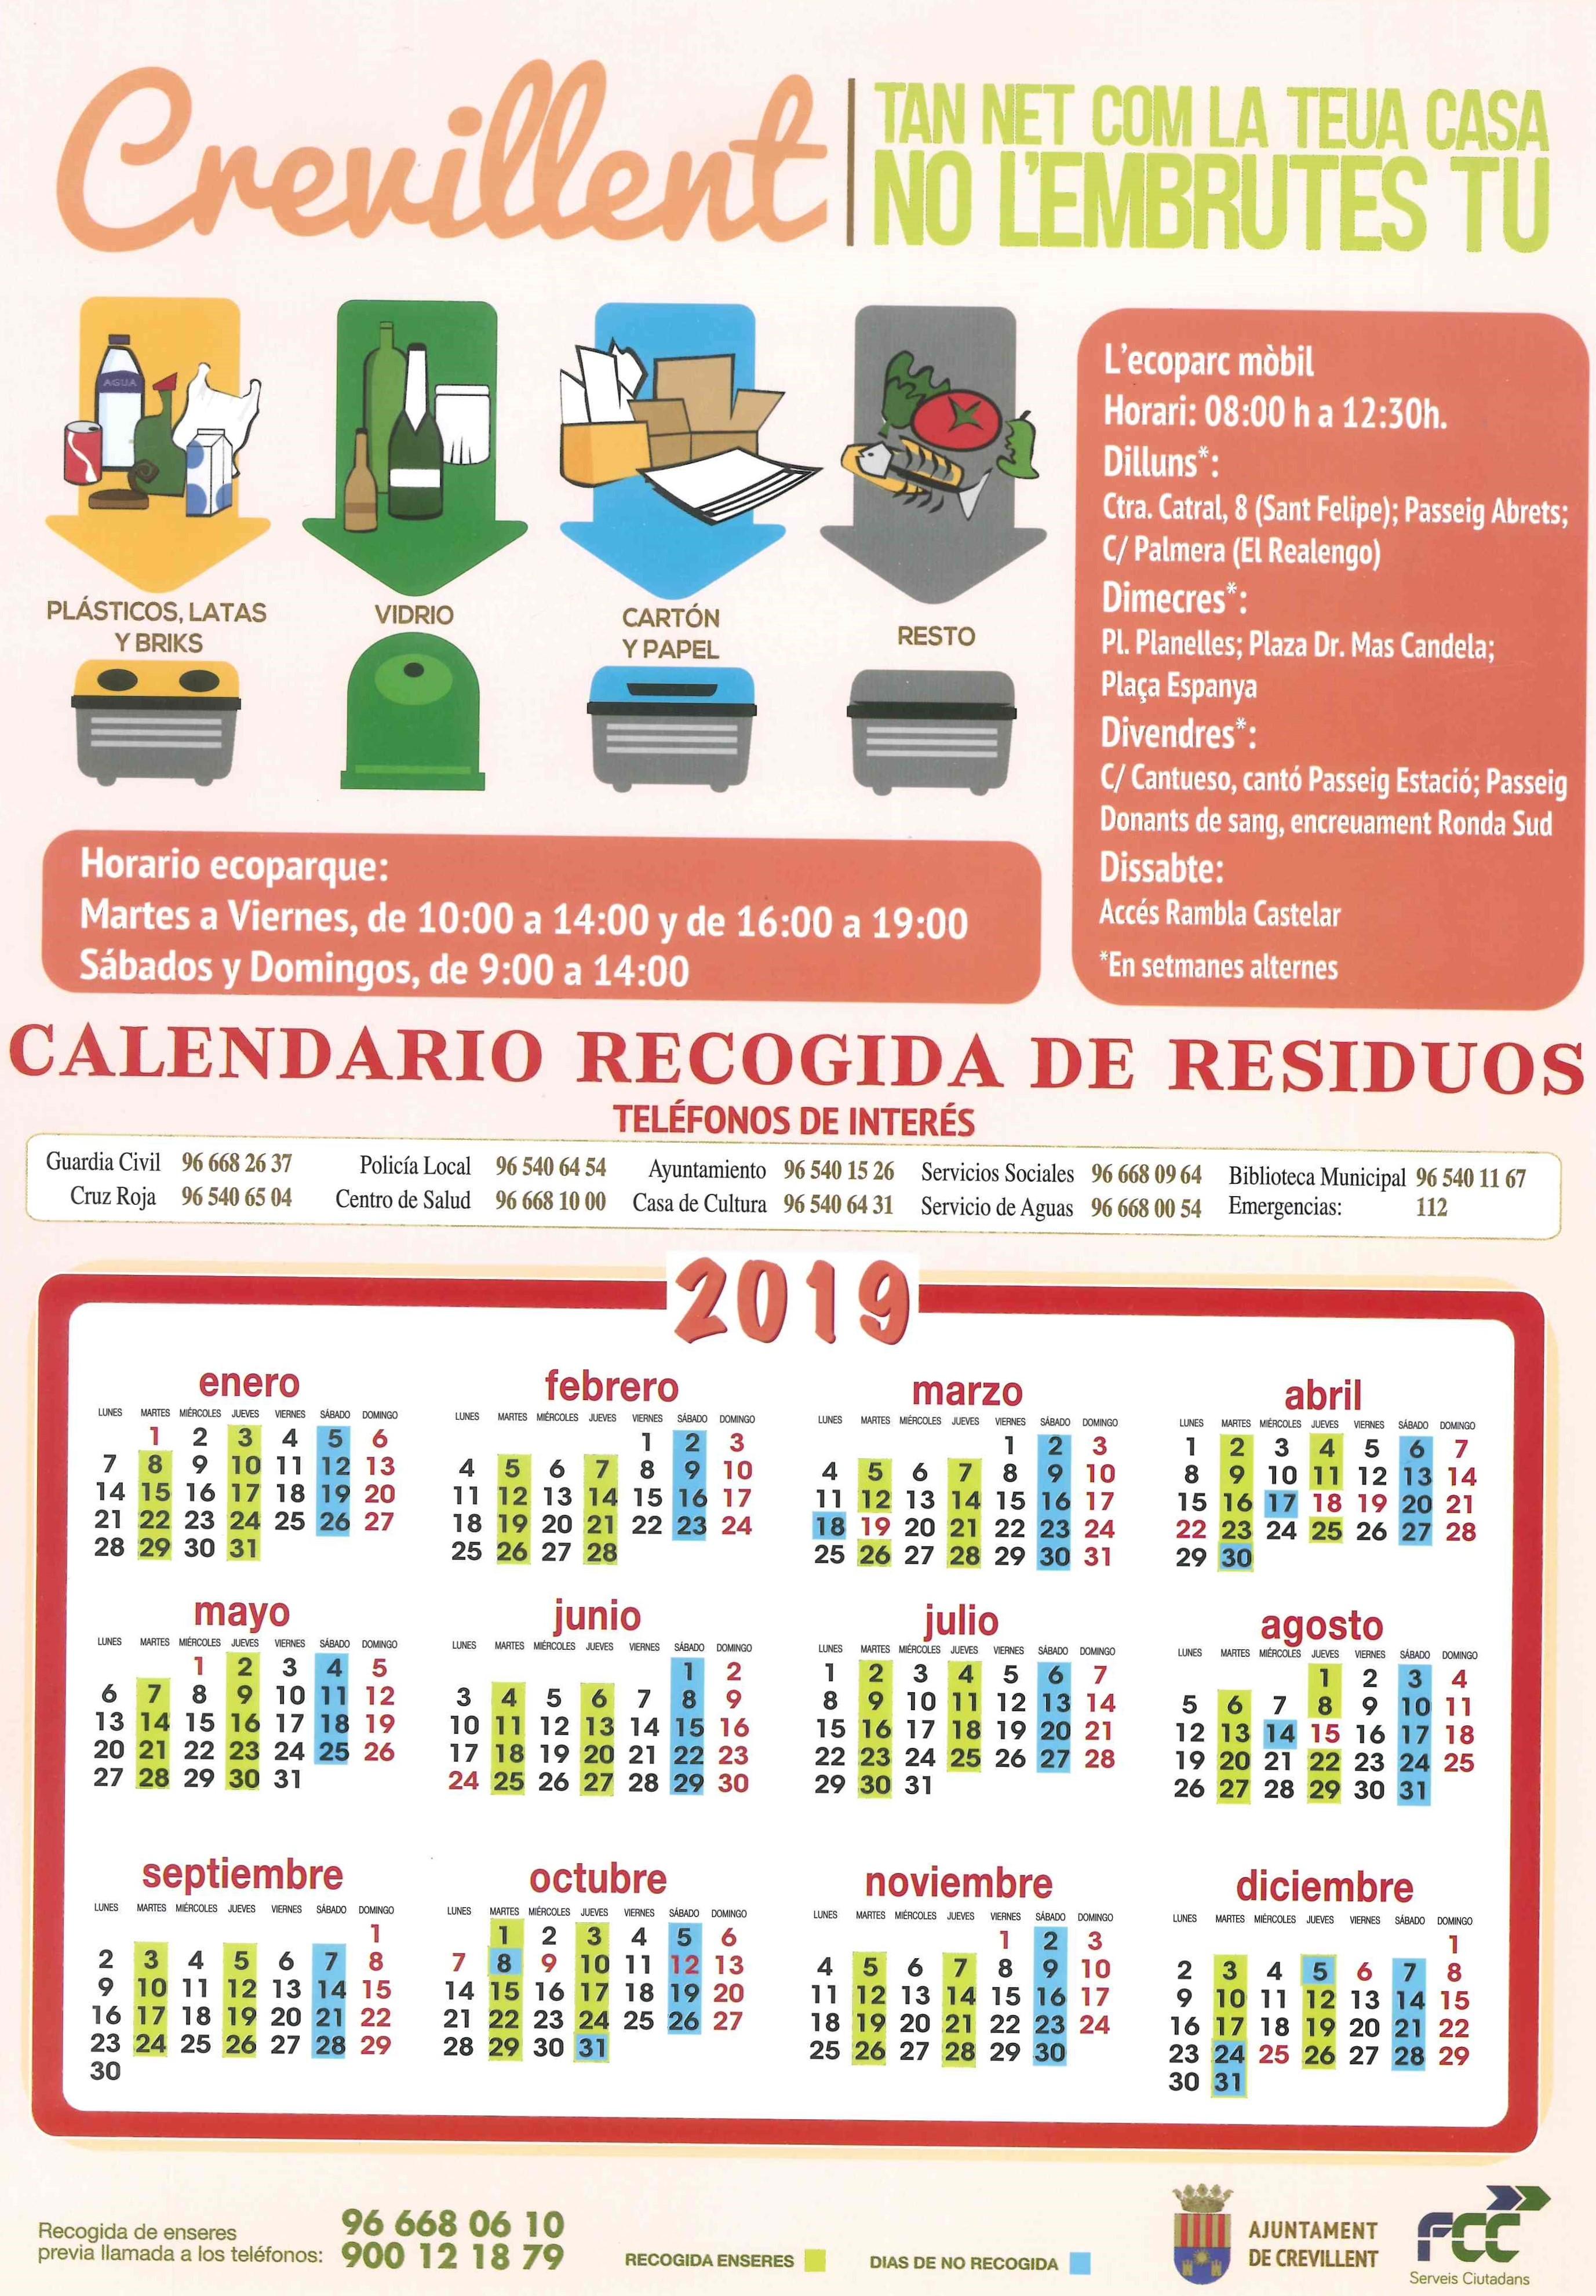 Calendario Recogida de Residuos 2019